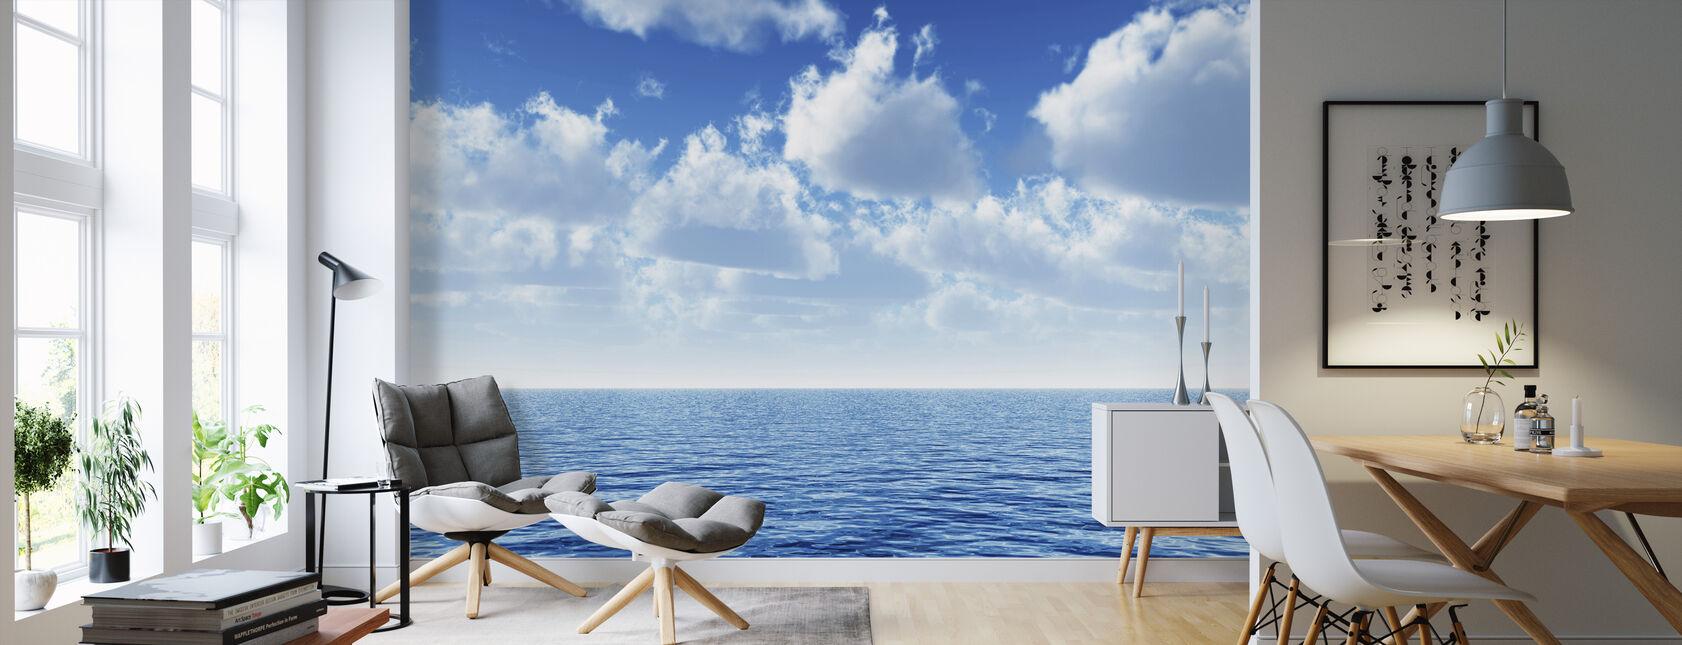 Overskyet blå himmel horisont - Tapet - Stue